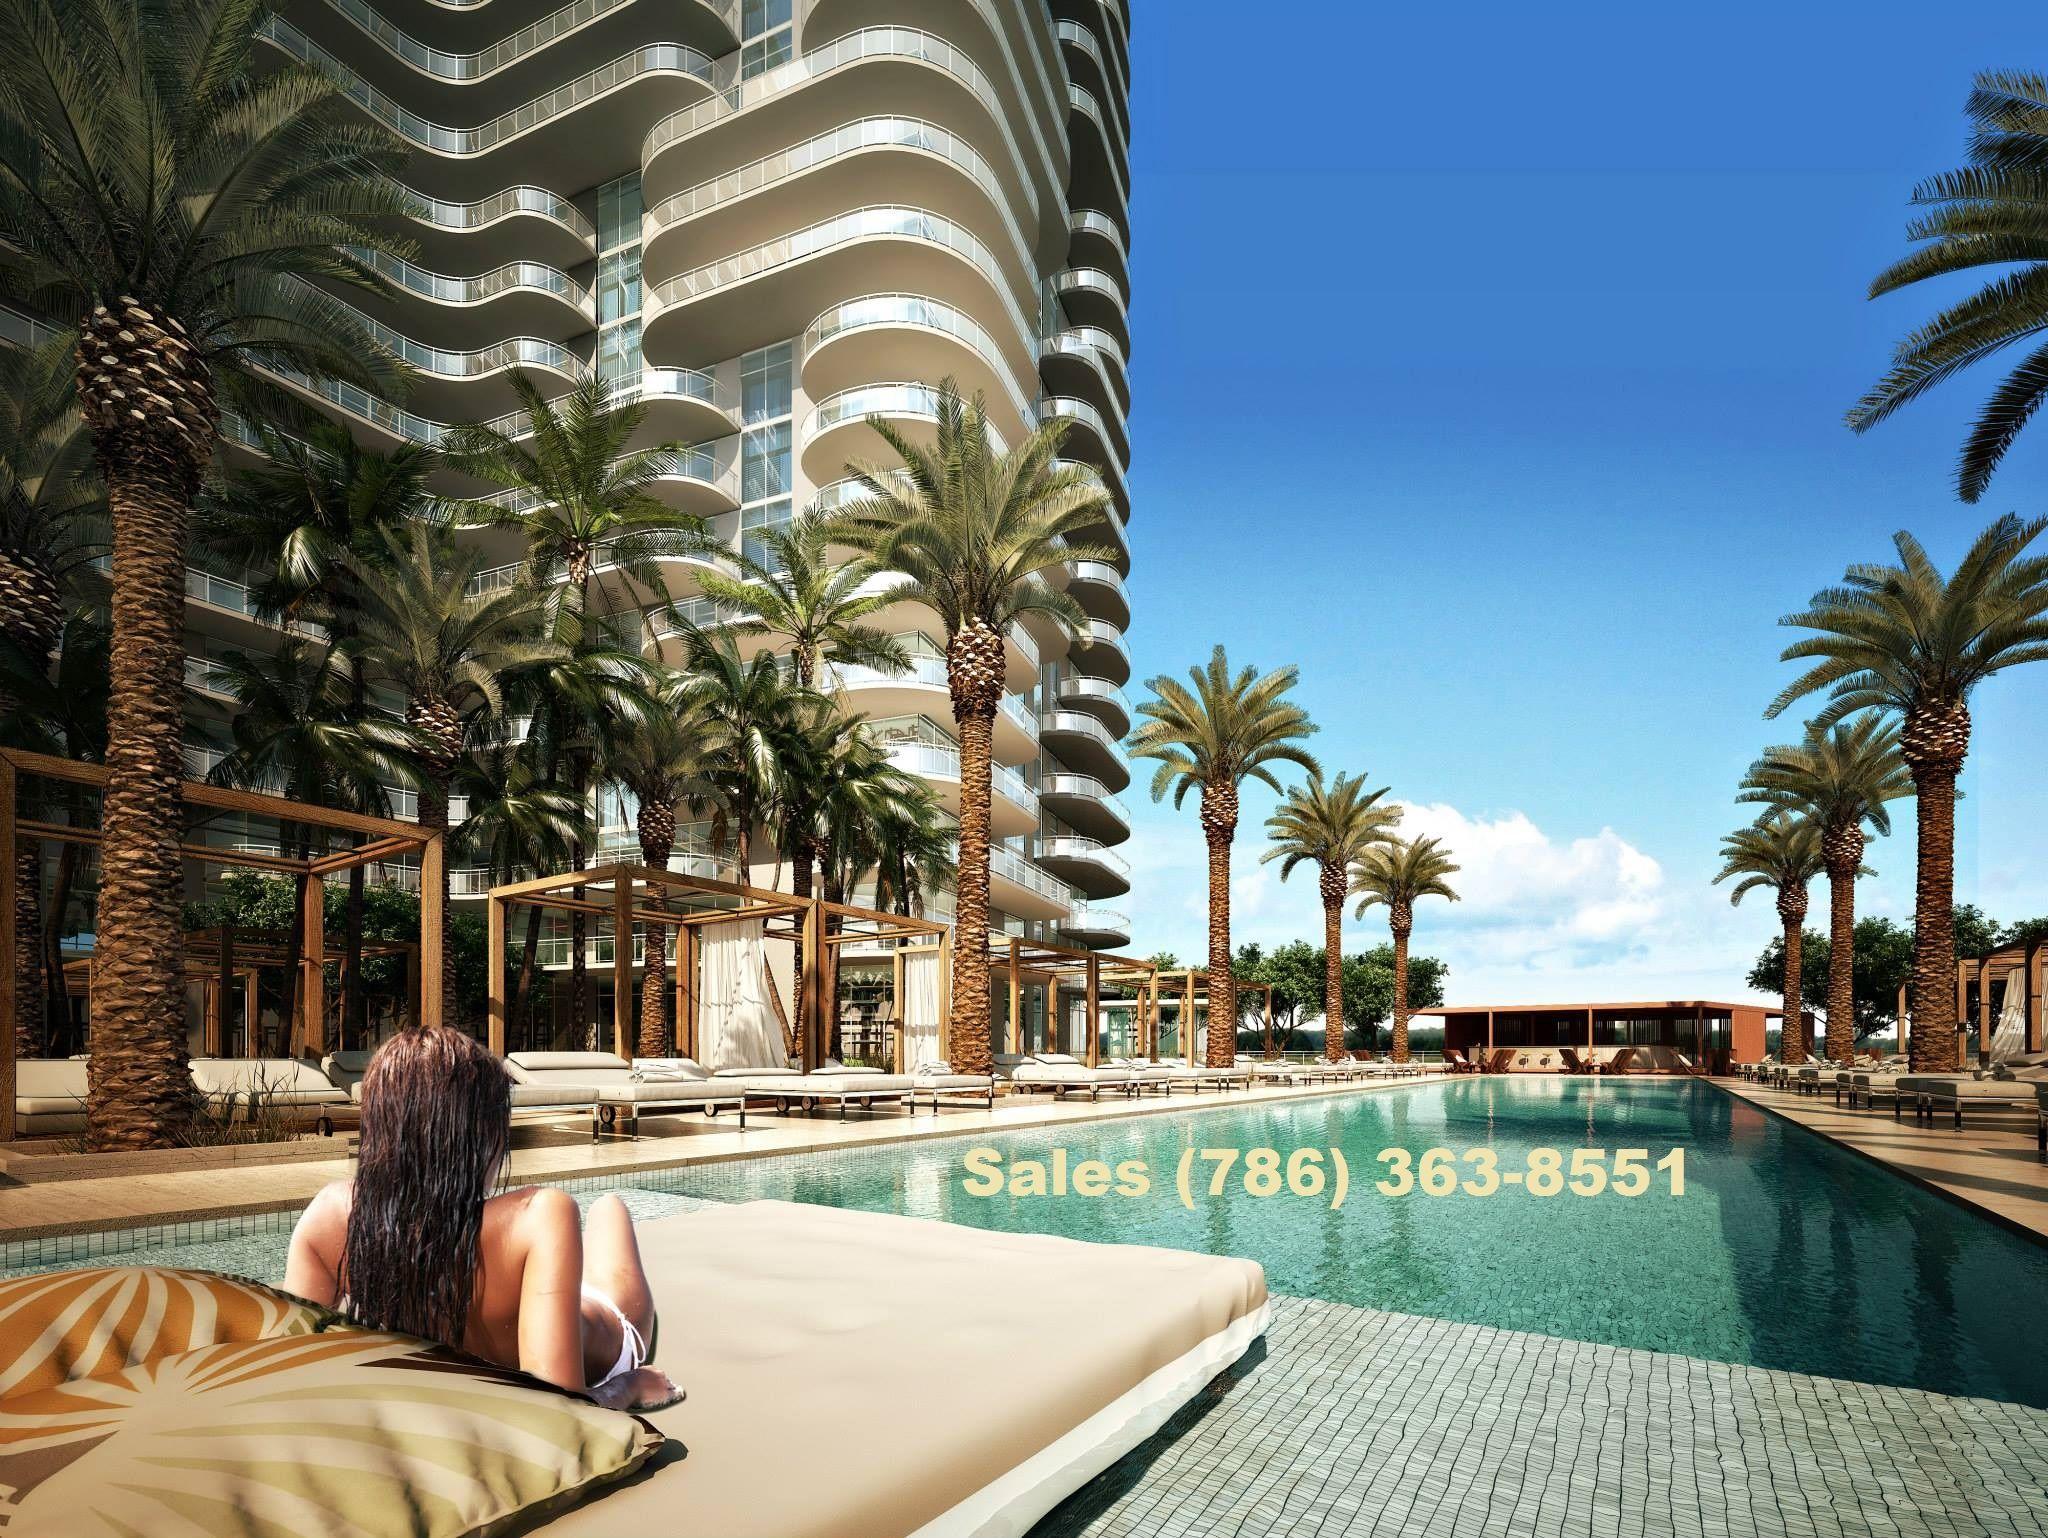 Hyde Midtown Miami Condos Sales 786 363 8551 Http Www Brosdaandbentley Com Miami Condo Outdoor Condo